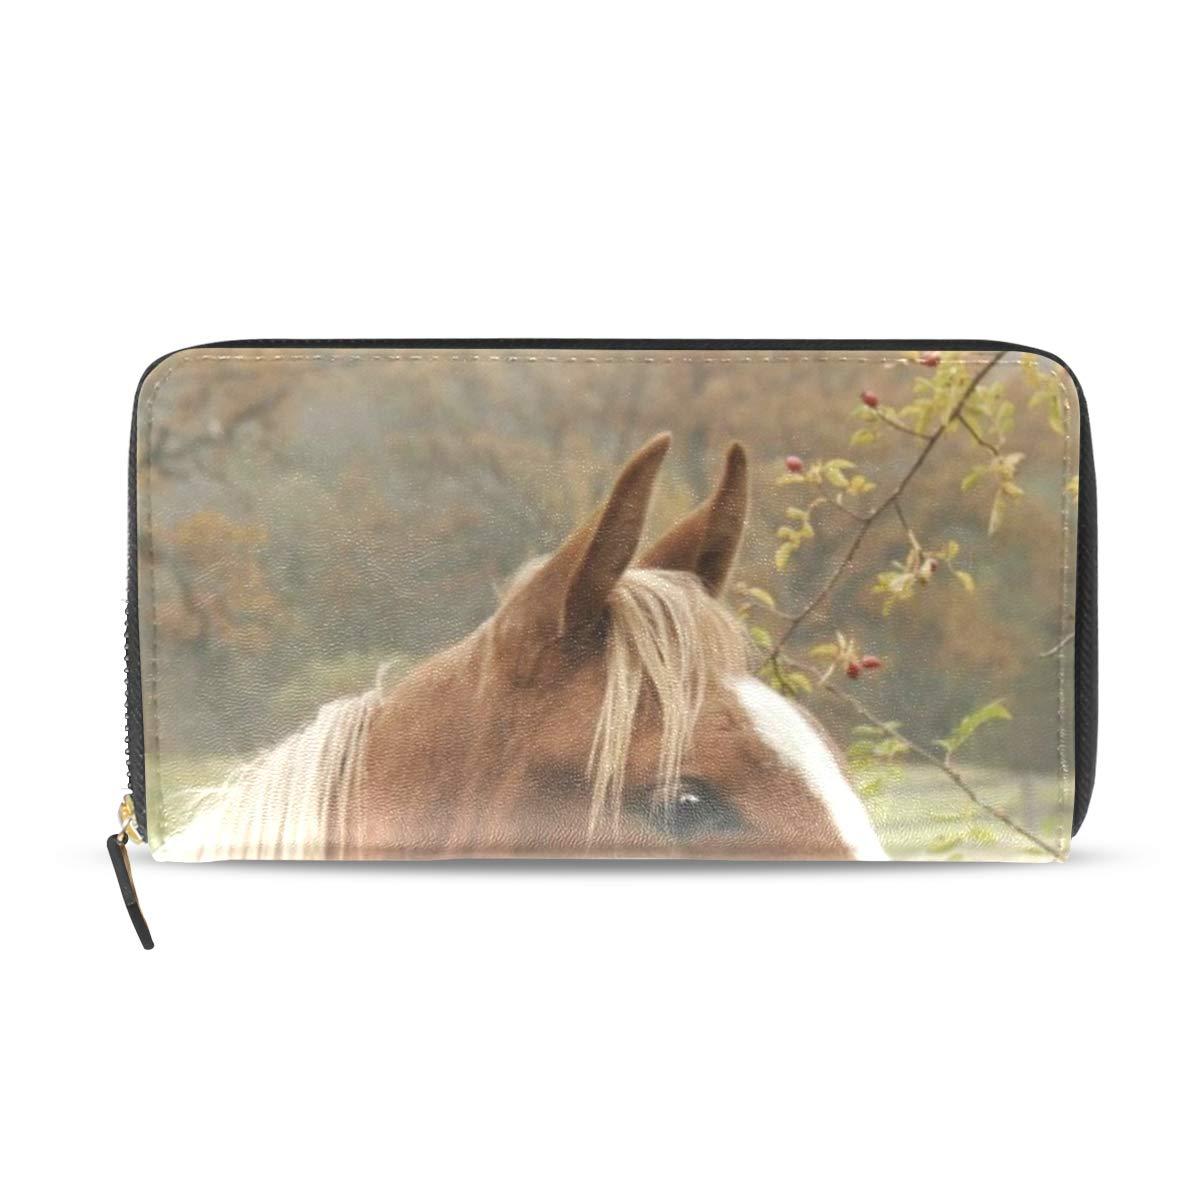 Womens Wallets Fall Horse Leather Passport Wallet Coin Purse Girls Handbags